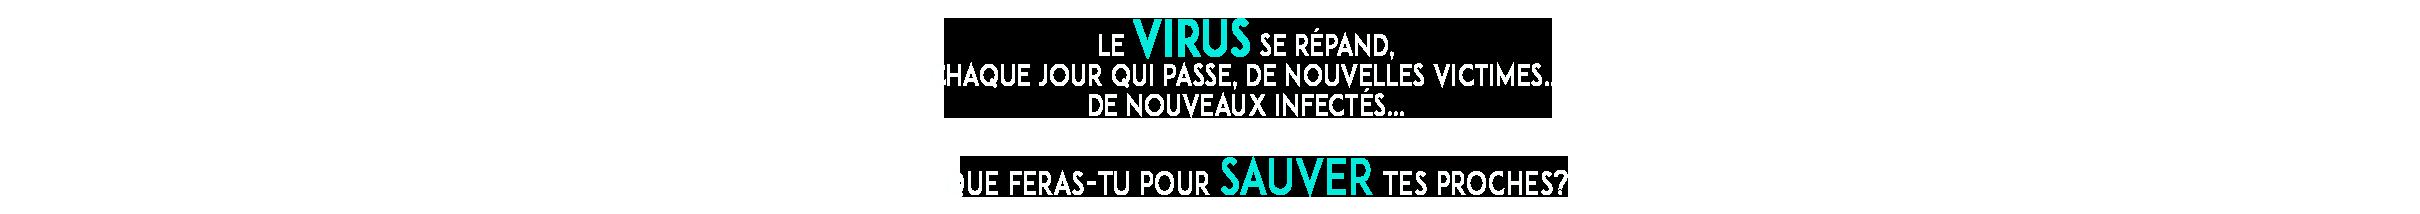 Morbus-banner-FR